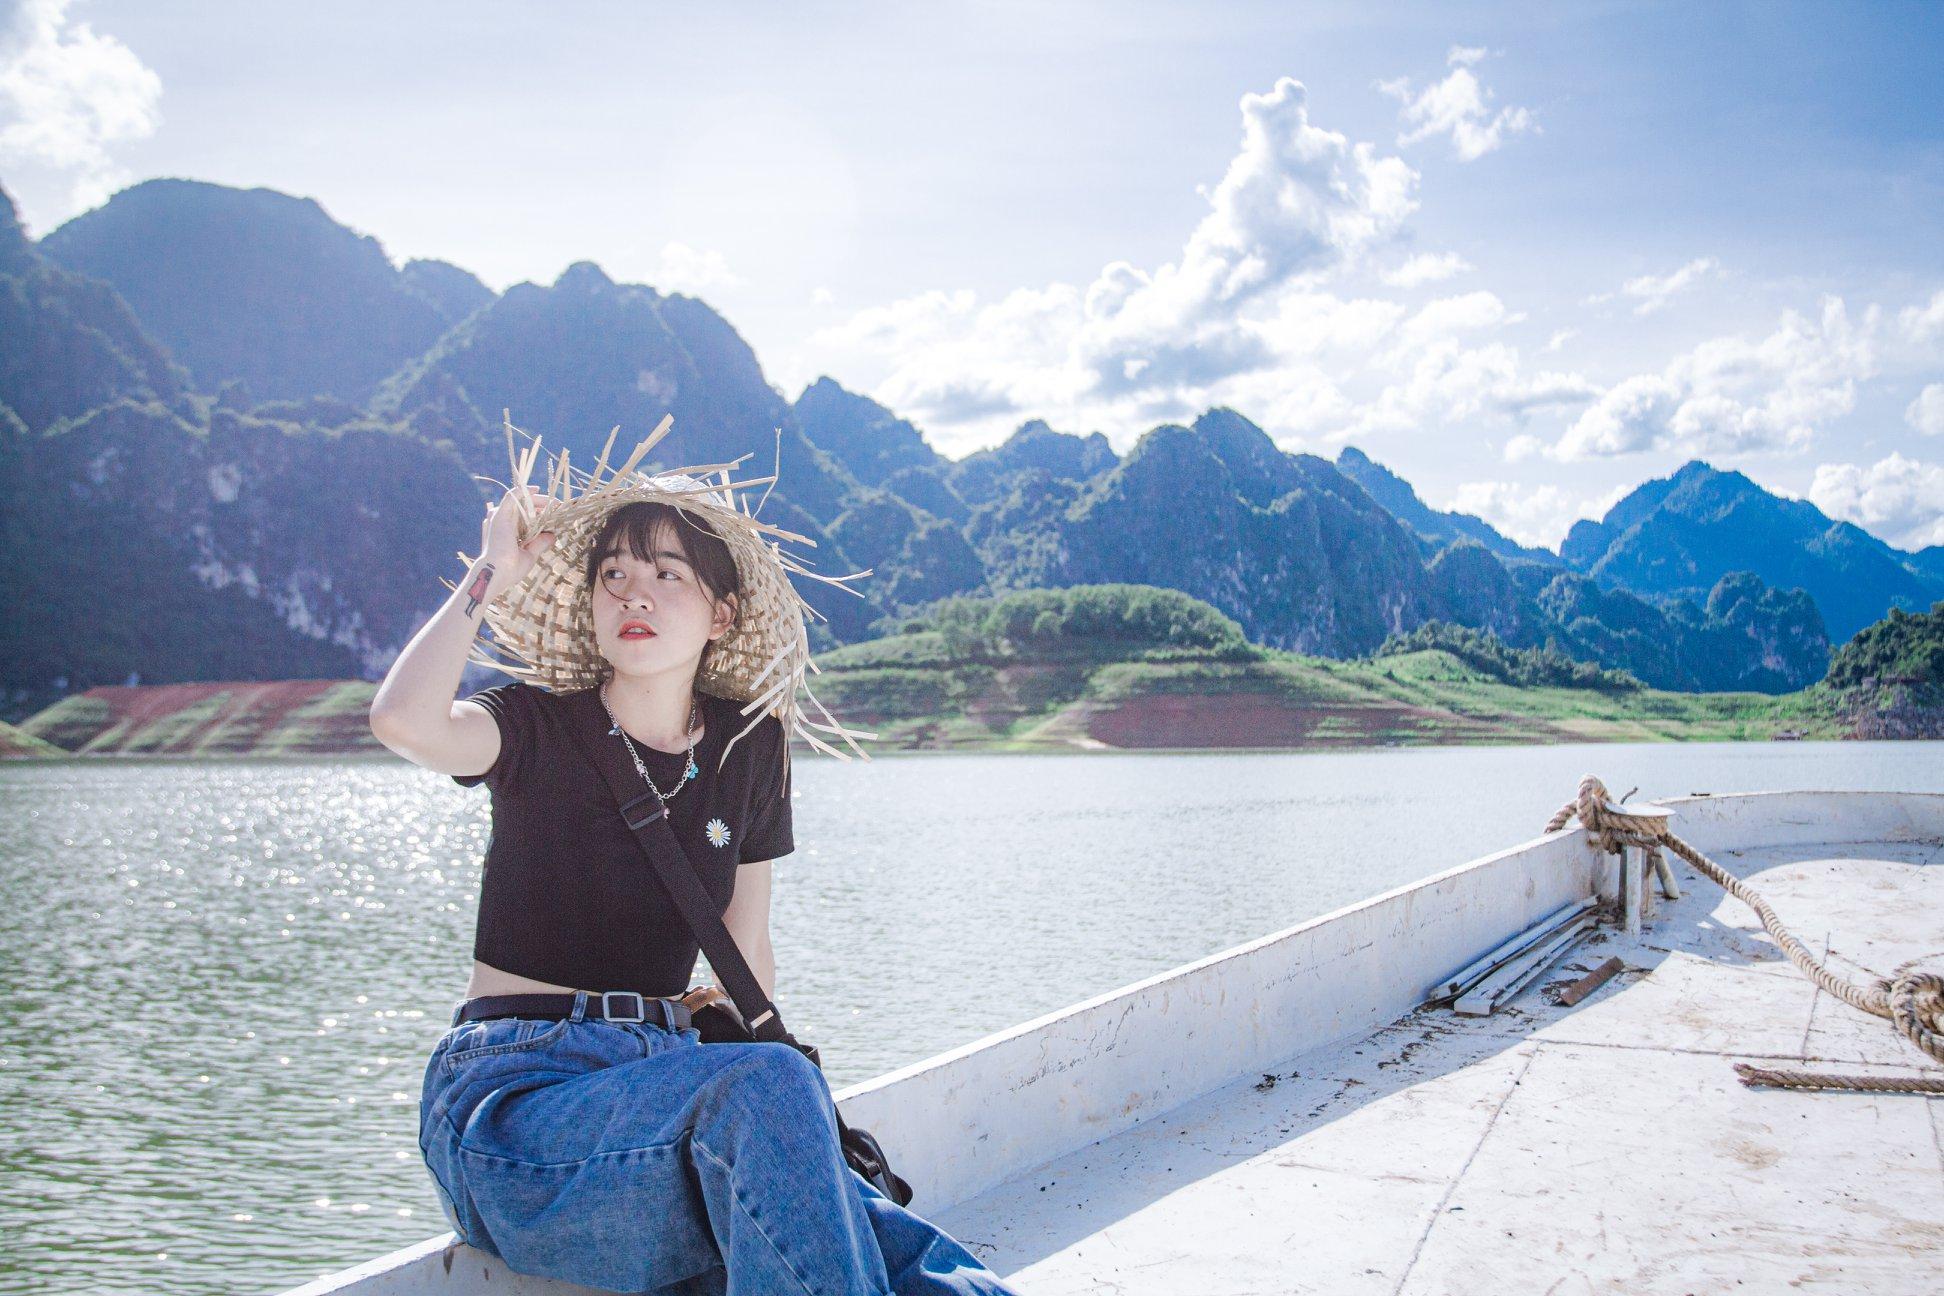 Tháng 9 đến tháng 4 năm sau là thời điểm tuyệt vời để du lịch biển hồ Quỳnh Nhai. Hình: Sưu tầm